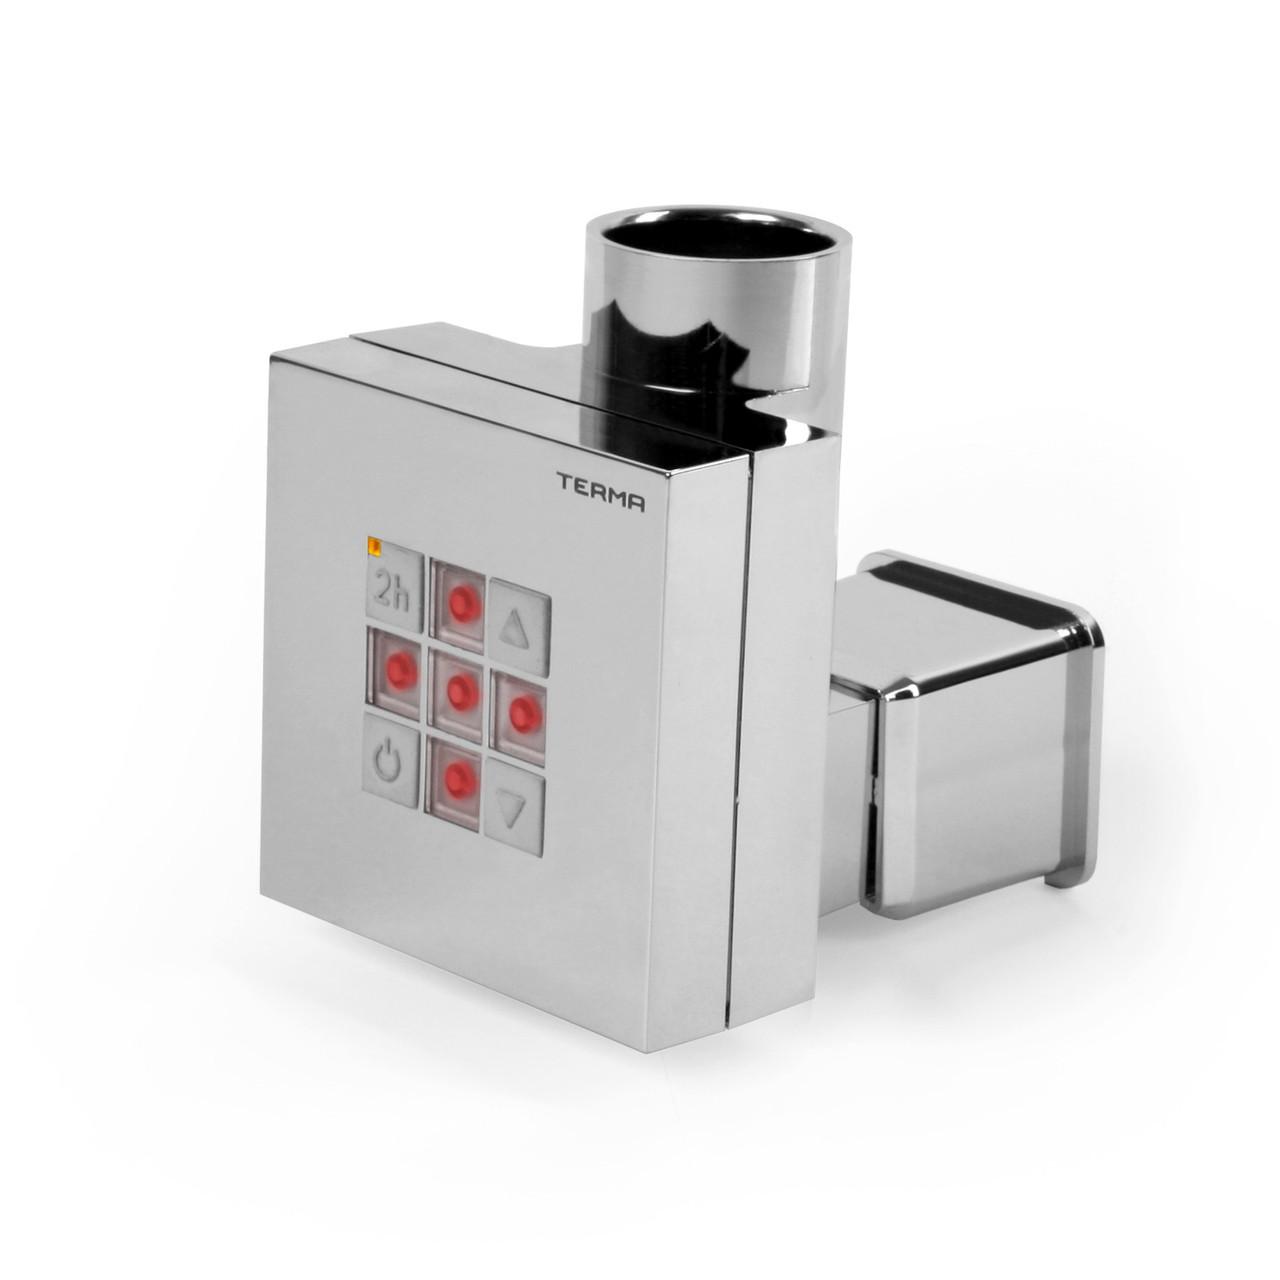 Квадратный электроТЭН KTX2 MS chrome с регулятором + таймер 2 ч. Маскировка провода. Для сушилок в ванную